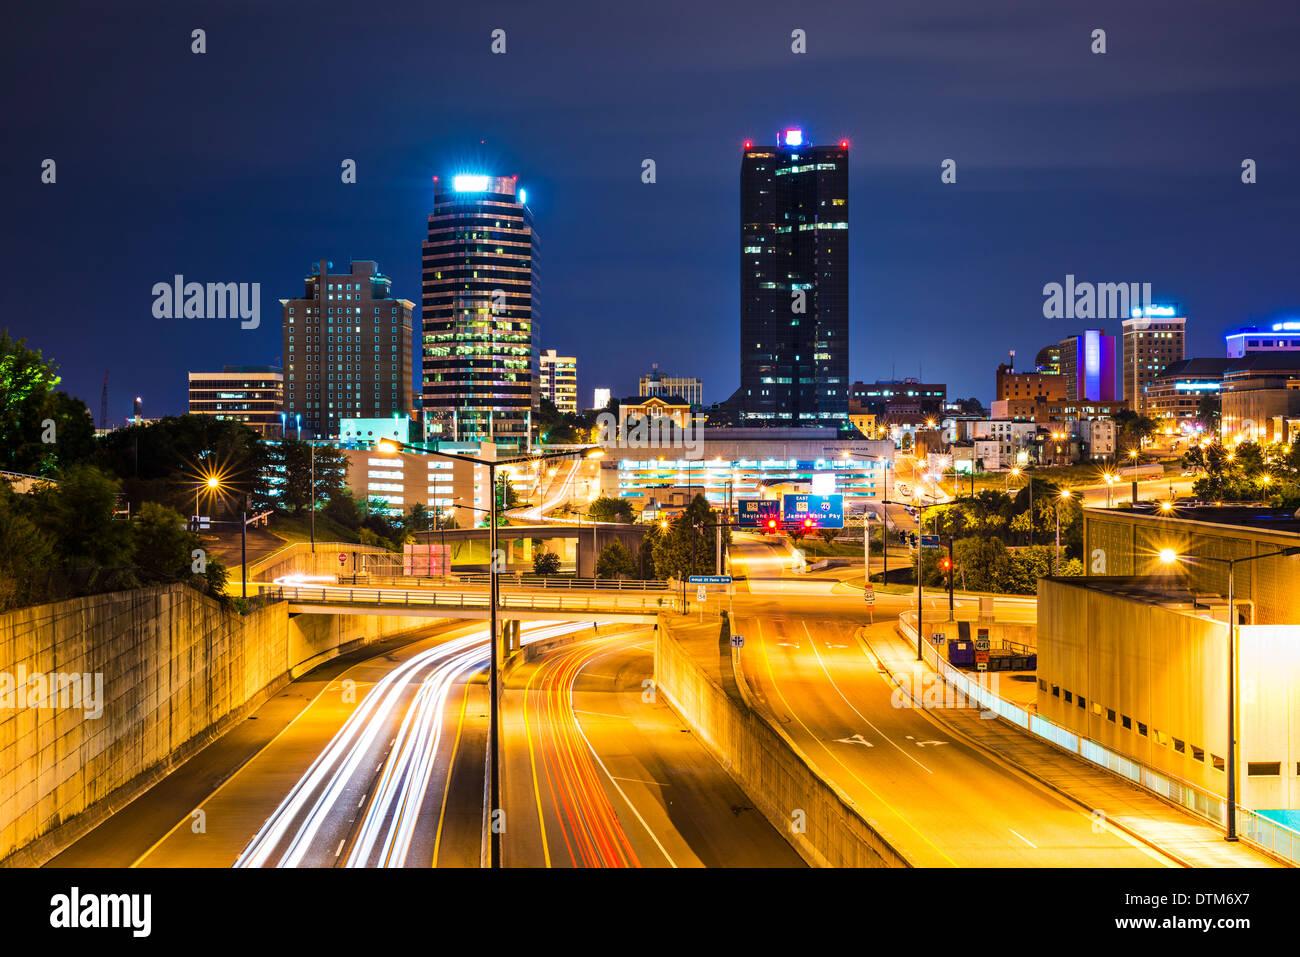 Knoxville, Tennessee, USA Innenstadt in der Nacht. Stockbild